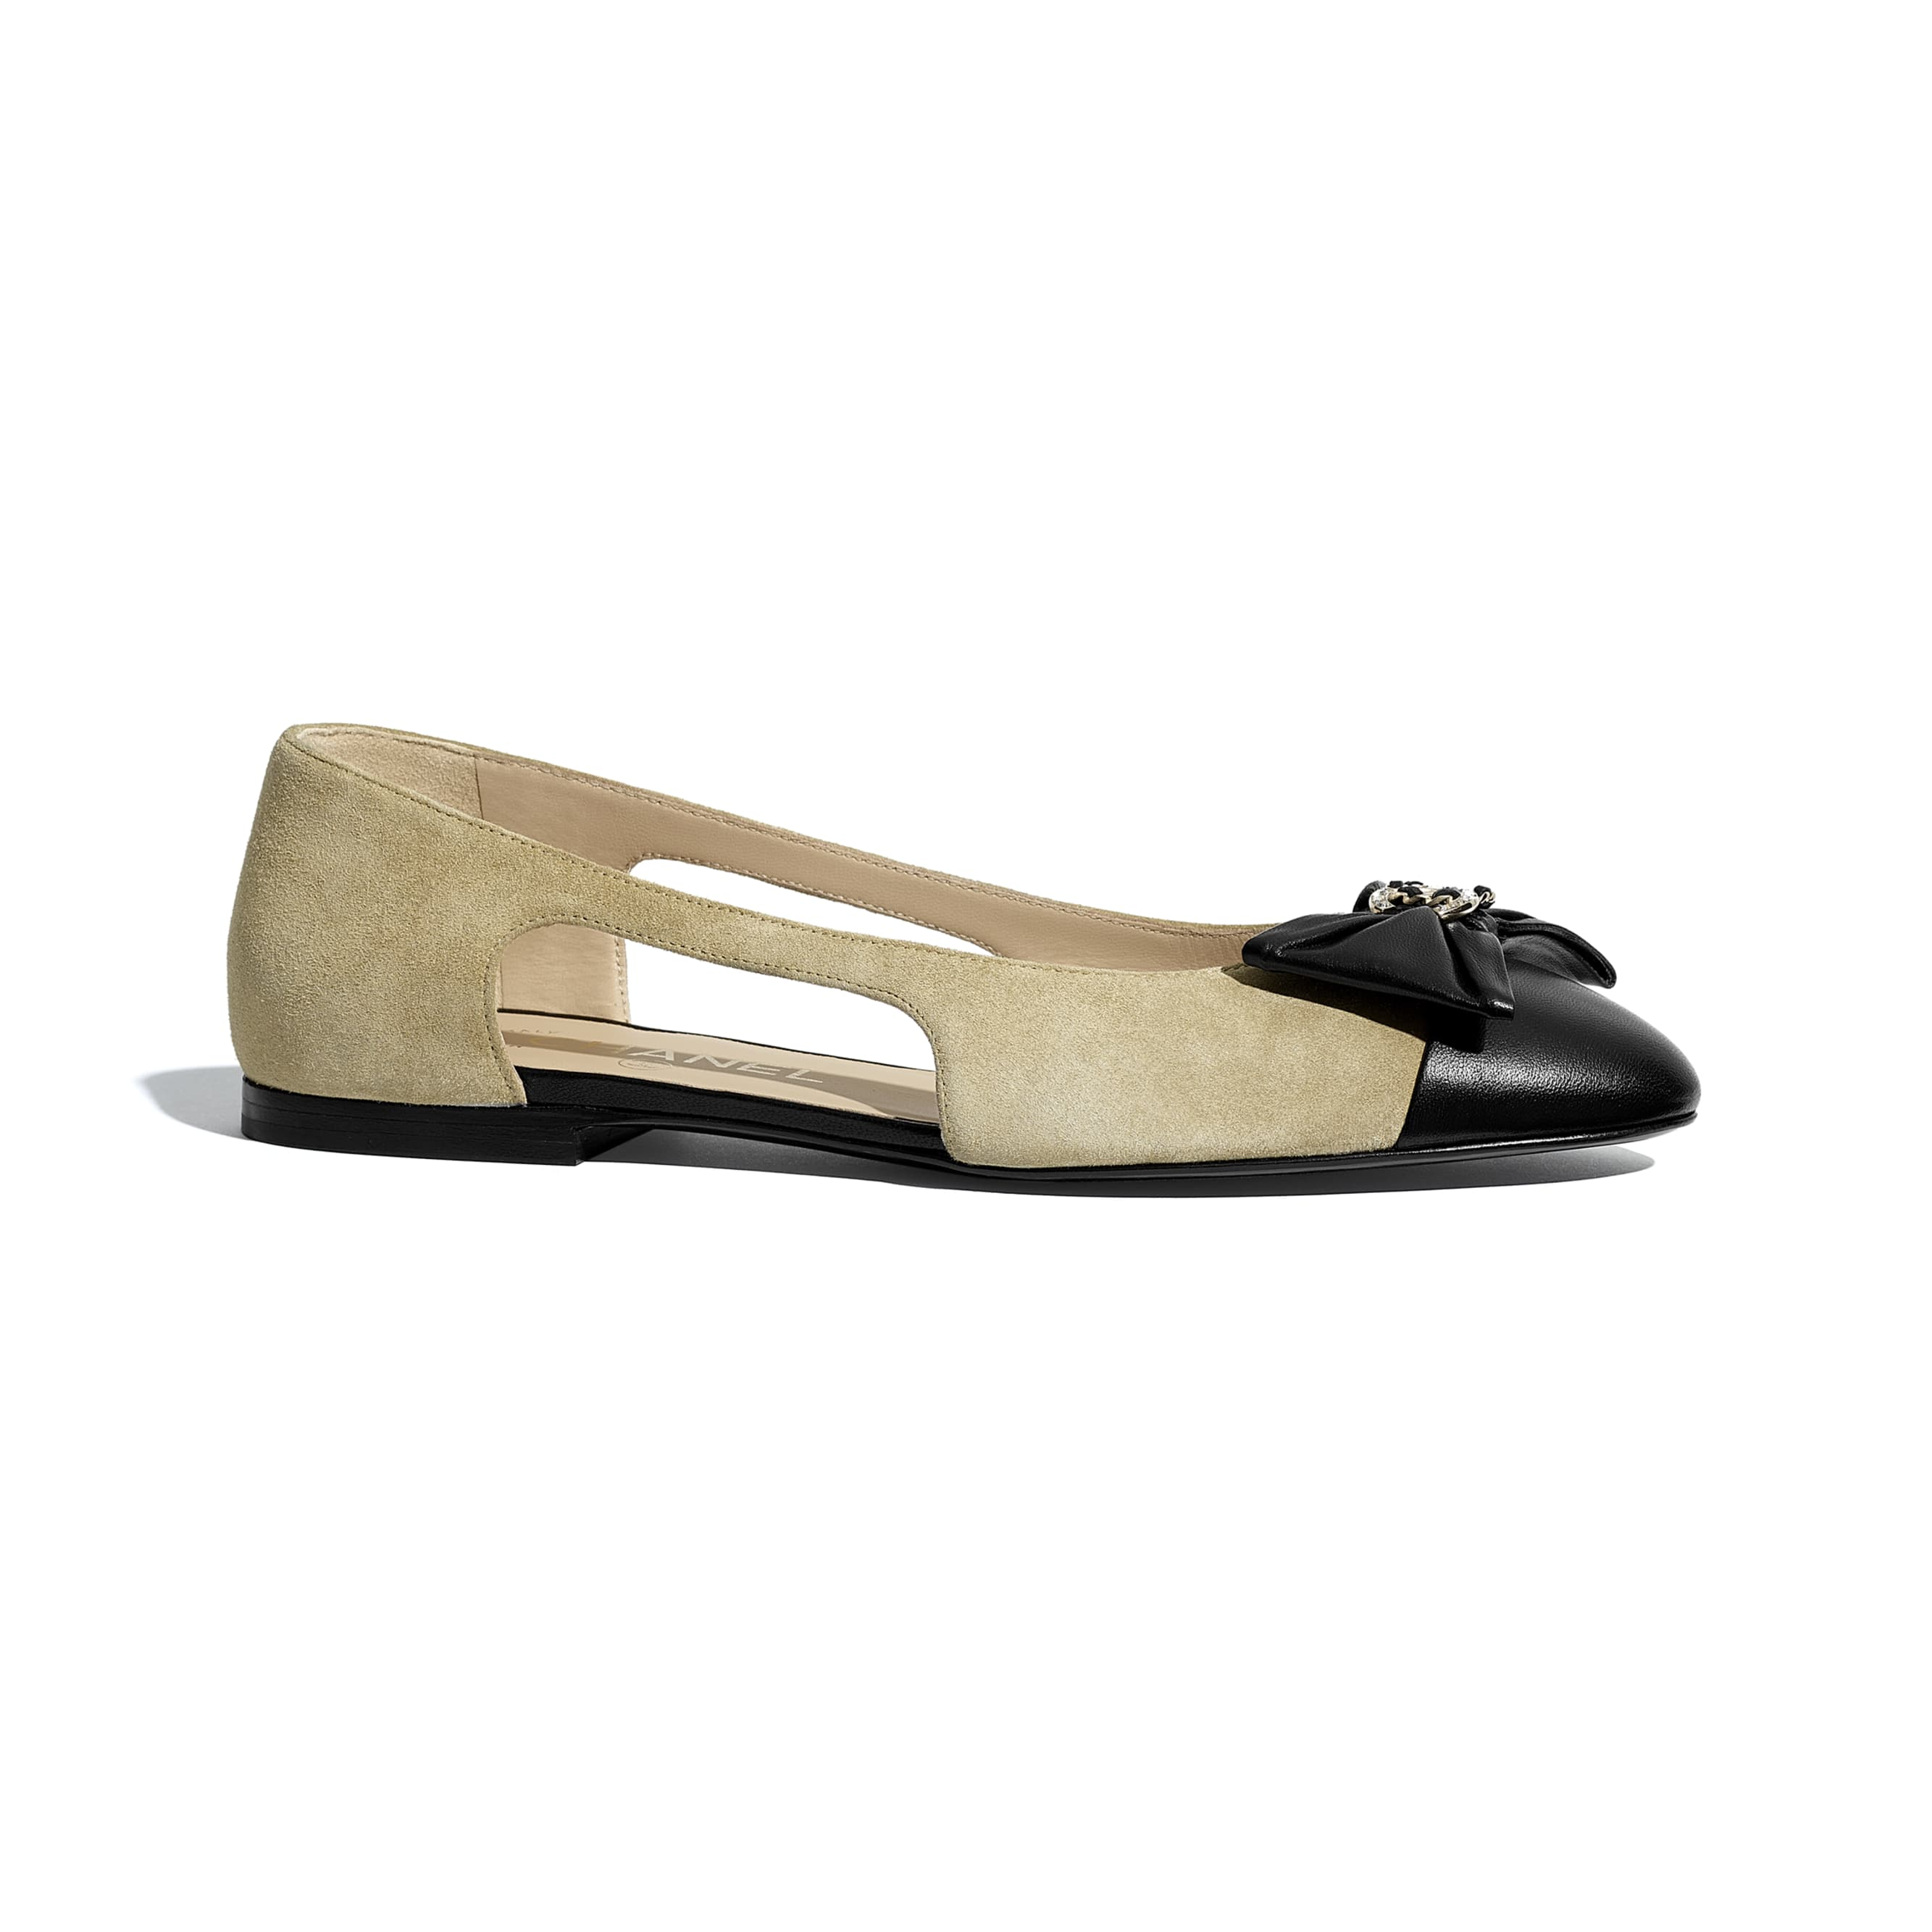 芭蕾舞鞋 - 米與黑 - 小牛麂皮與小羊皮 - CHANEL - 預設視圖 - 查看標準尺寸版本